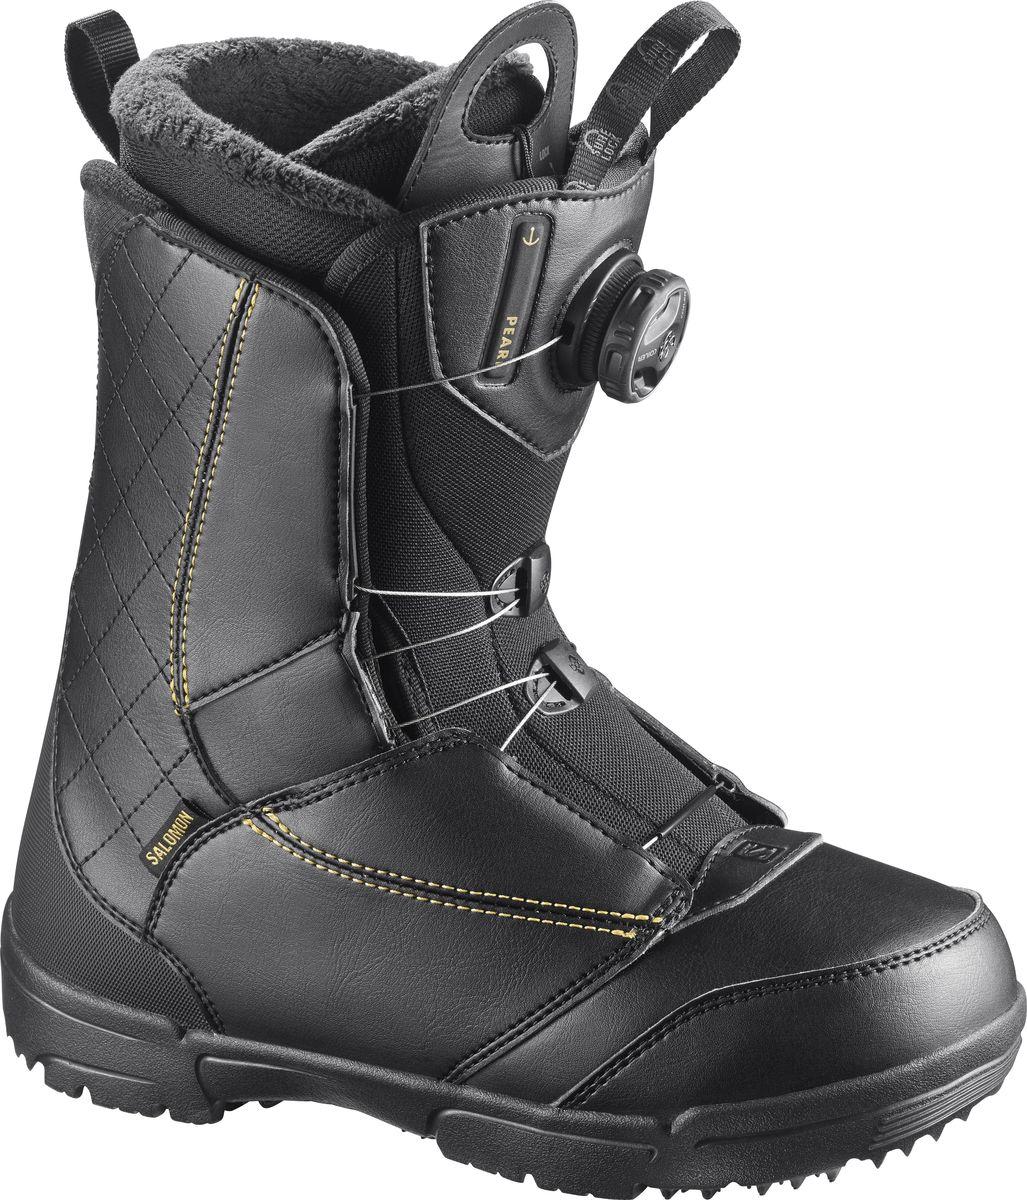 Ботинки для сноуборда Salomon Pearl Boa, цвет: черный, золотистый. Размер 24 (36,5)L39868900Женские сноубордические ботинки Salomon Pearl BOA предназначены для начинающих спортсменов. Простые, быстрые, женственные, ботинки отличаются потрясающим утеплением, посадкой и долговечностью. Небольшая жесткость позволяет начинающим сноубордисткам совершенствовать свою технику катания с комфортом, а шнуровка BOA не отнимет много времени и позволит подогнать ботинок по ноге, не снимая перчаток.